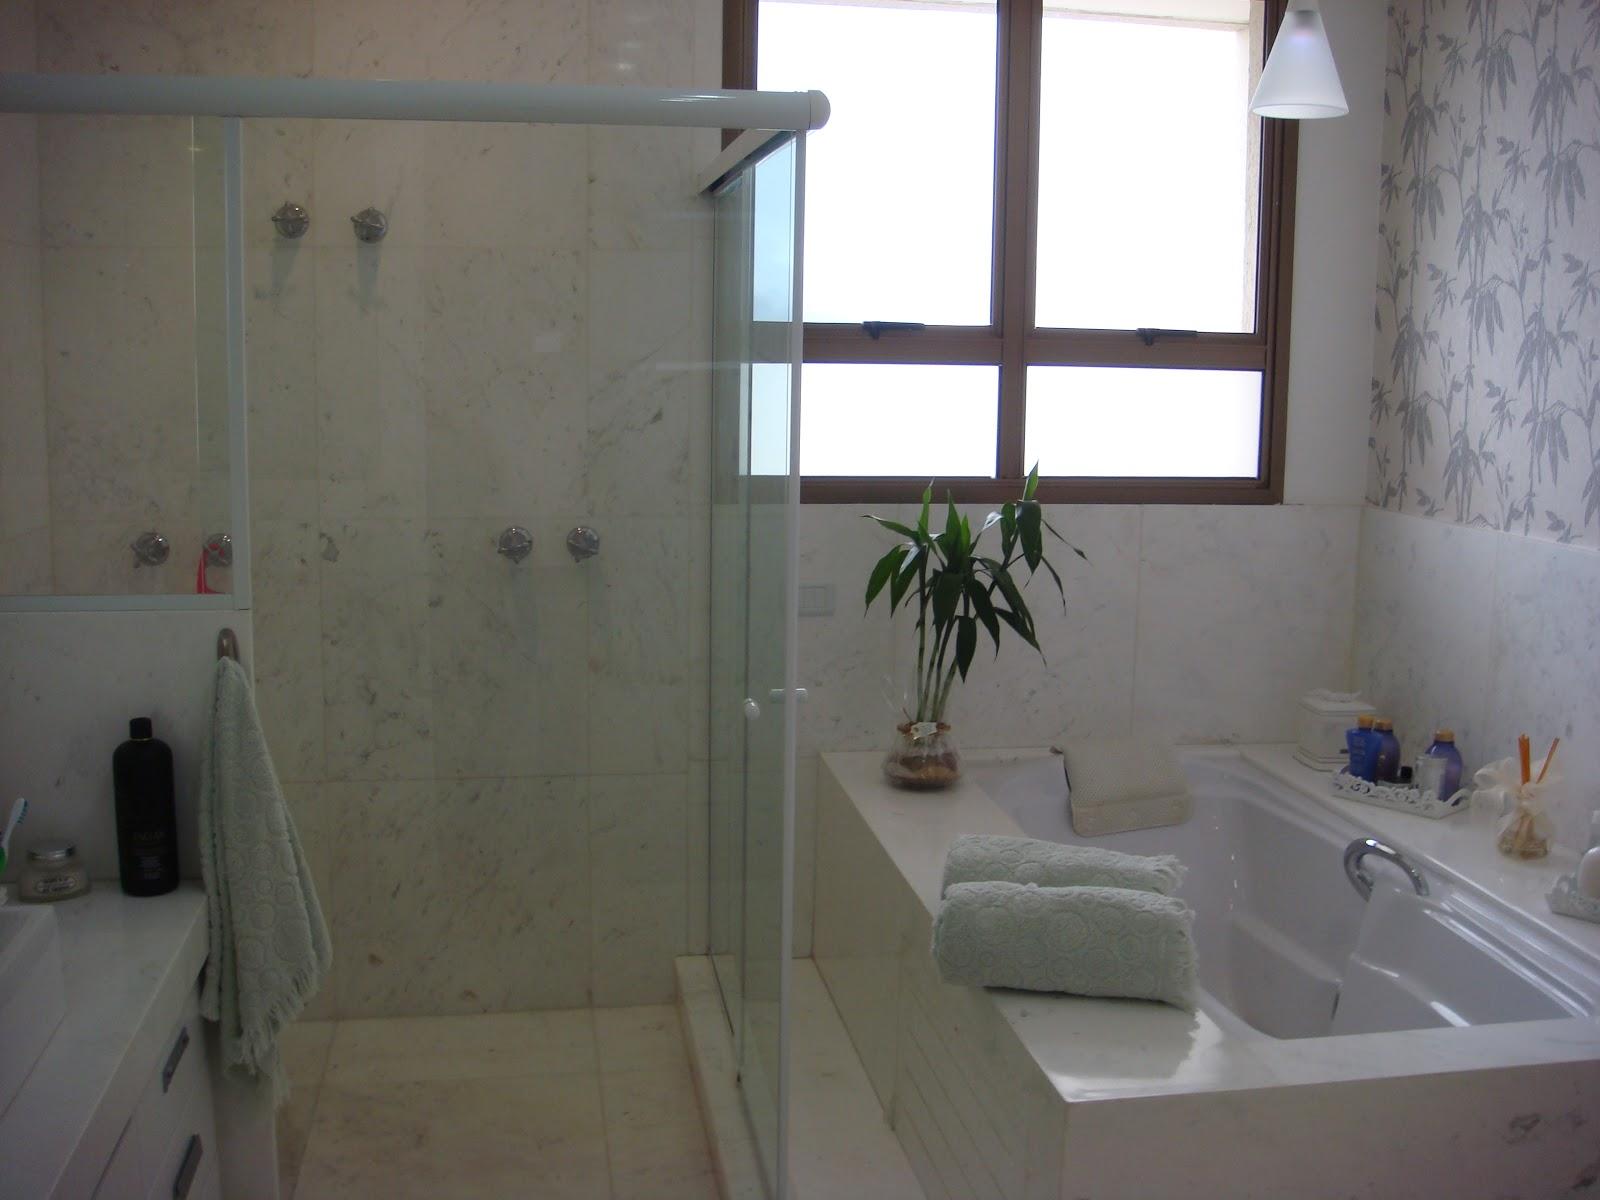 box com dois chuveiros de teto é amplo e tem porta frontal e com  #516C7A 1600x1200 Banheiro Com Hidro E Chuveiro